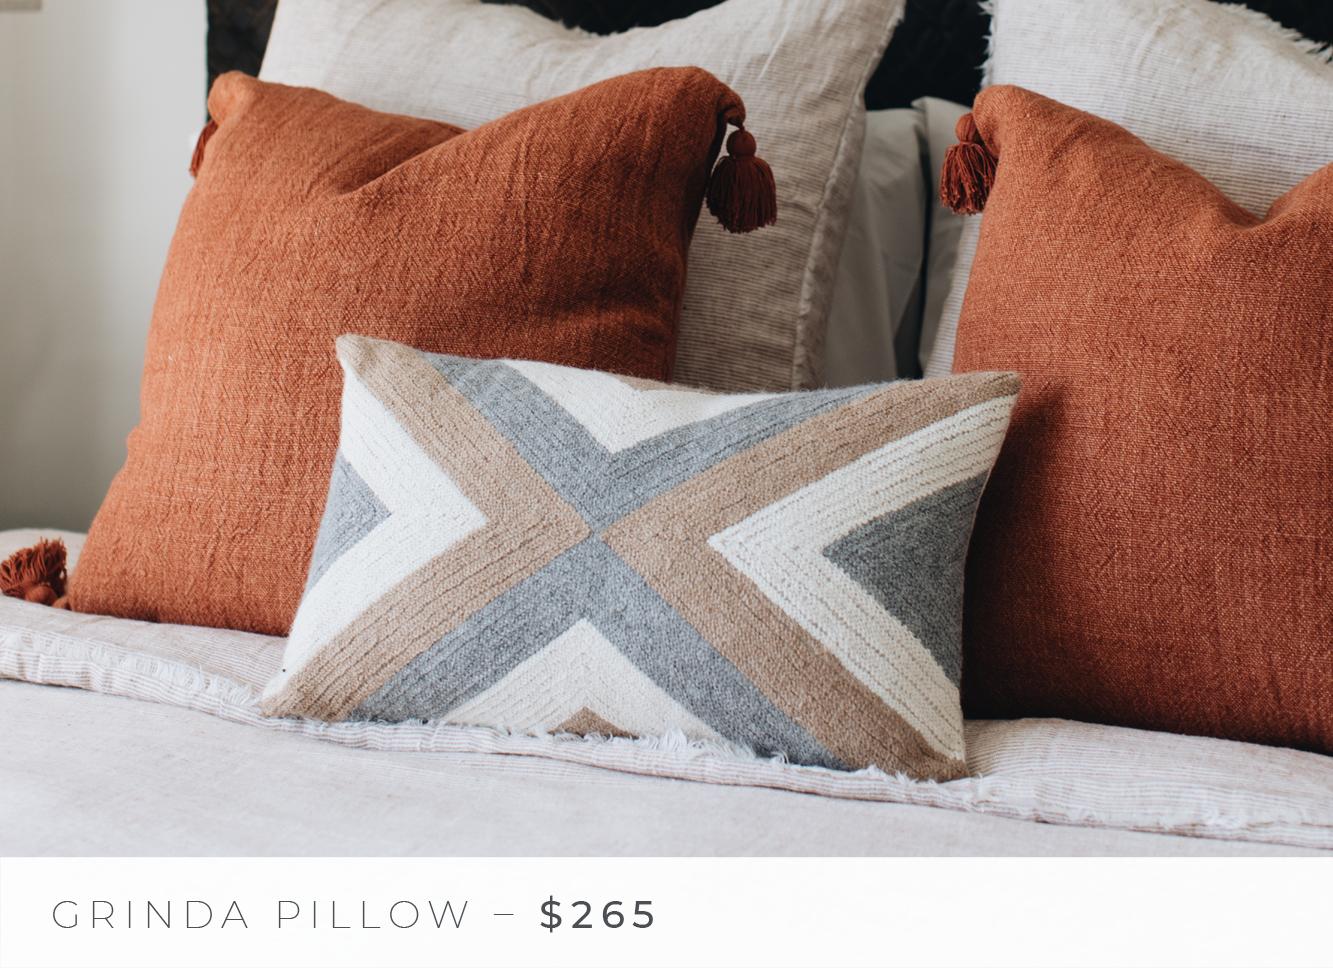 Shop The Look: Group Effort/The Bedroom - Grinda Pillow